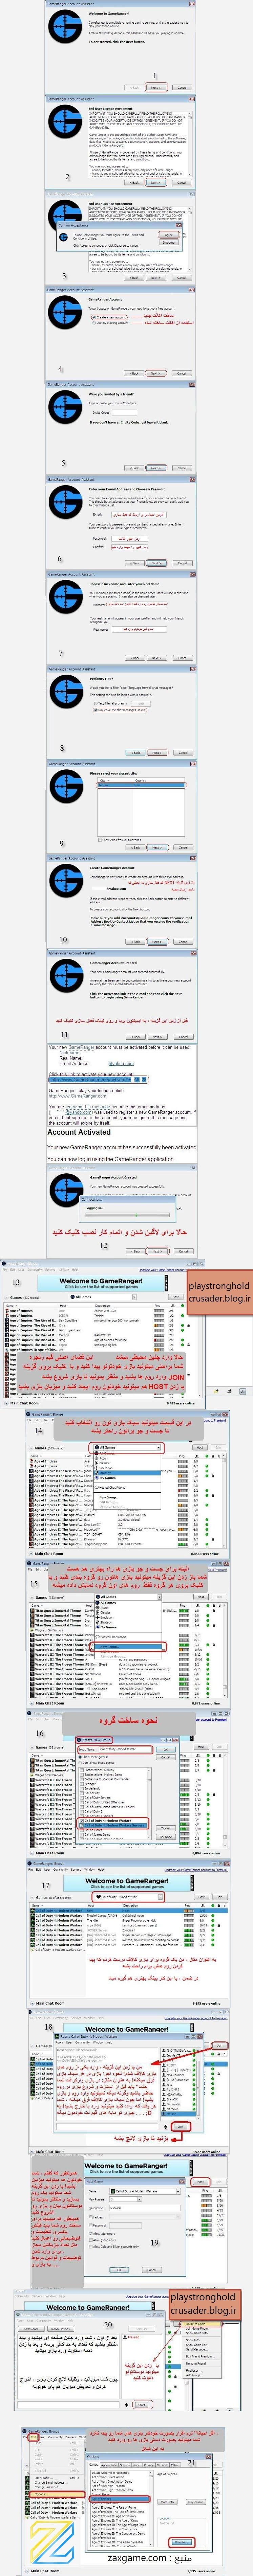 آموزش انلاین بازی کردن جنگ های صلیبی 1http://www.gnsorena.ir/